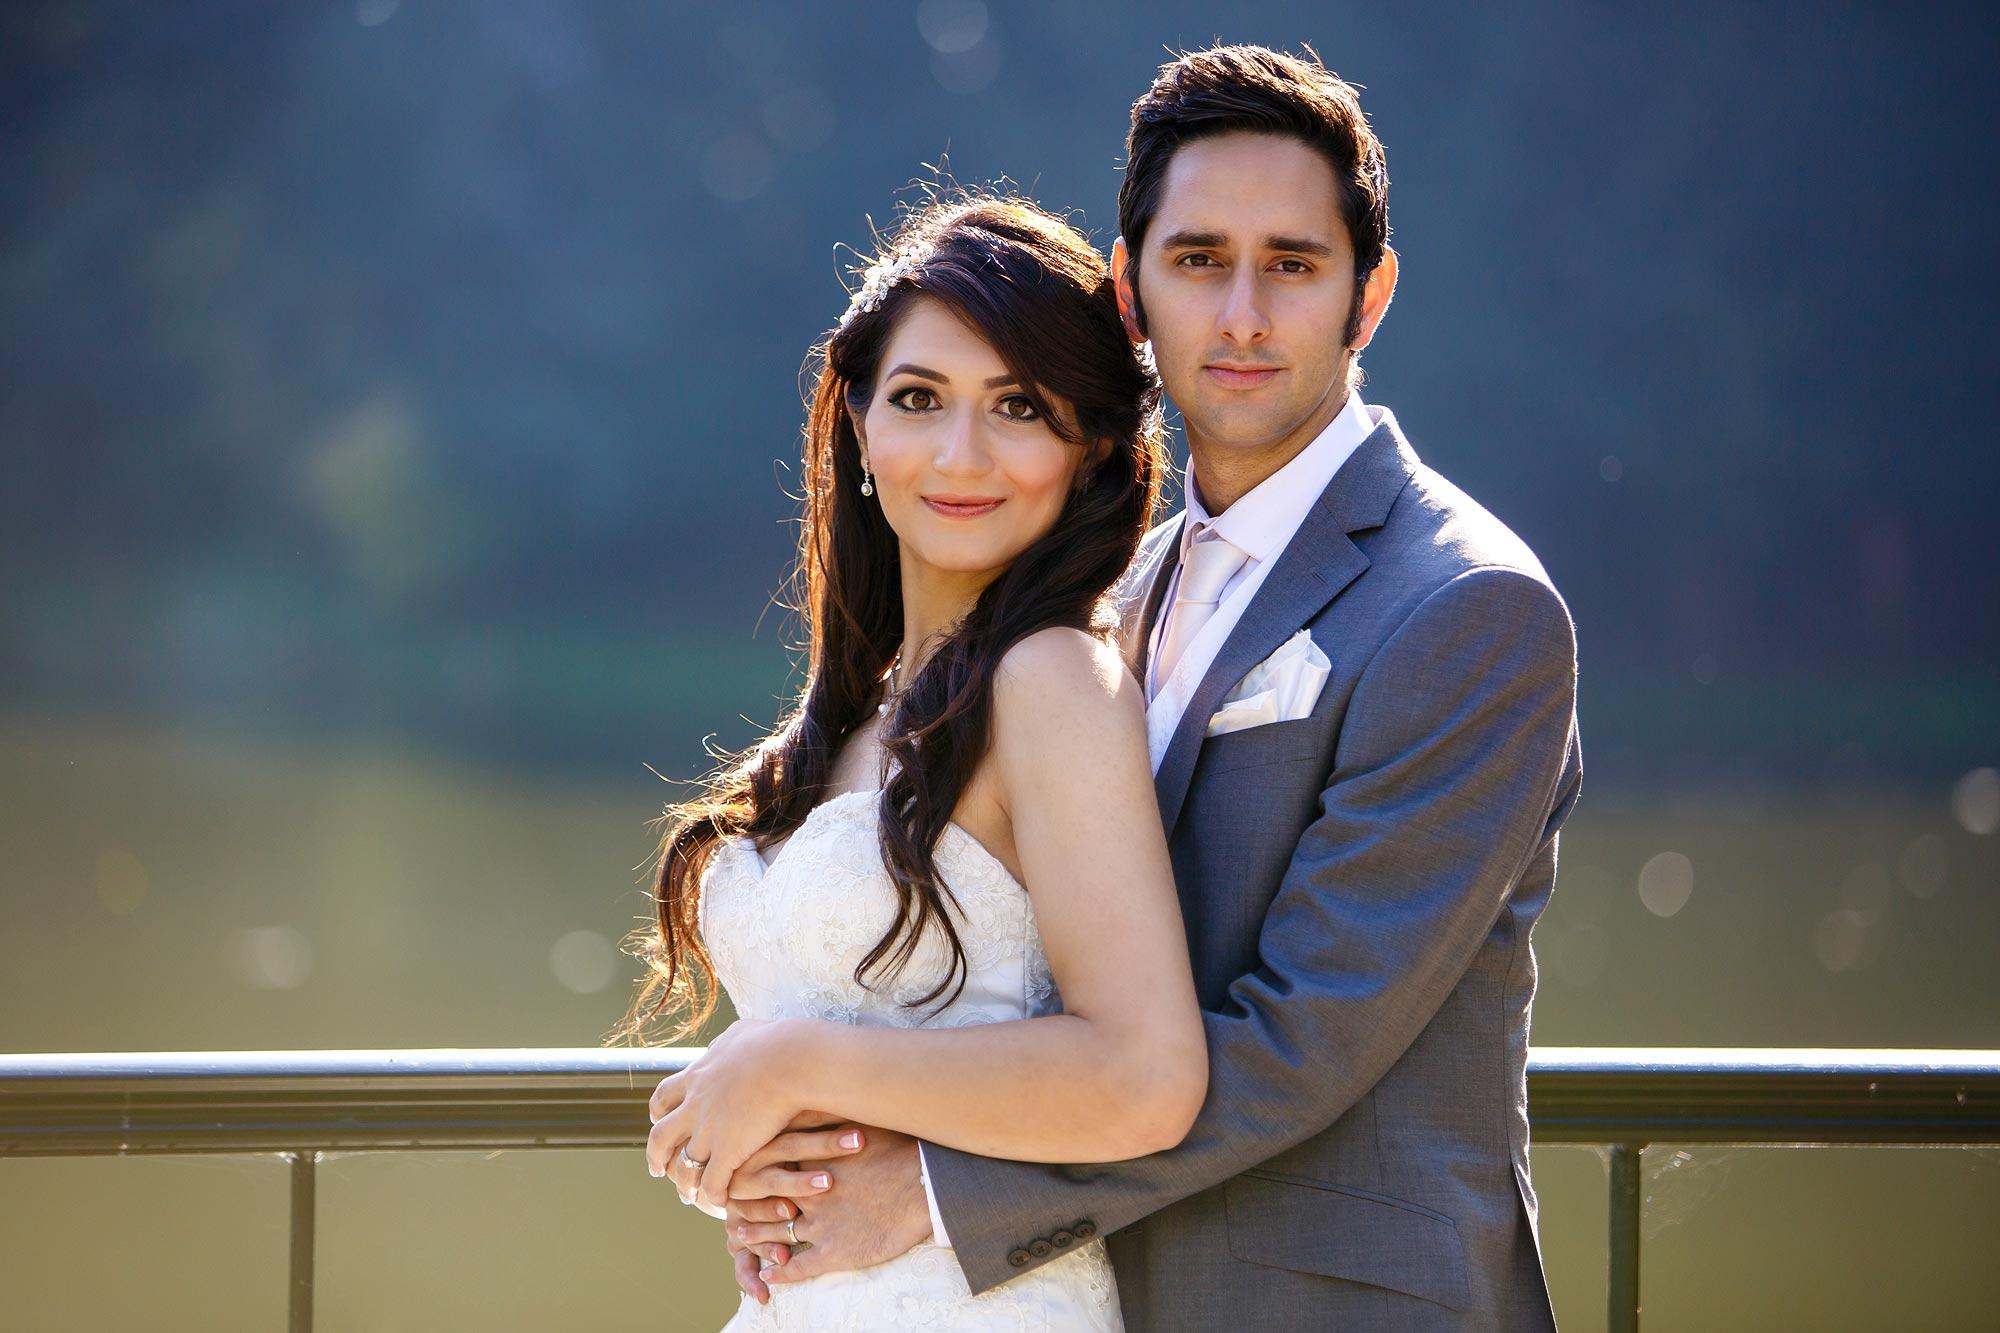 Orangery Maidstone wedding pictures